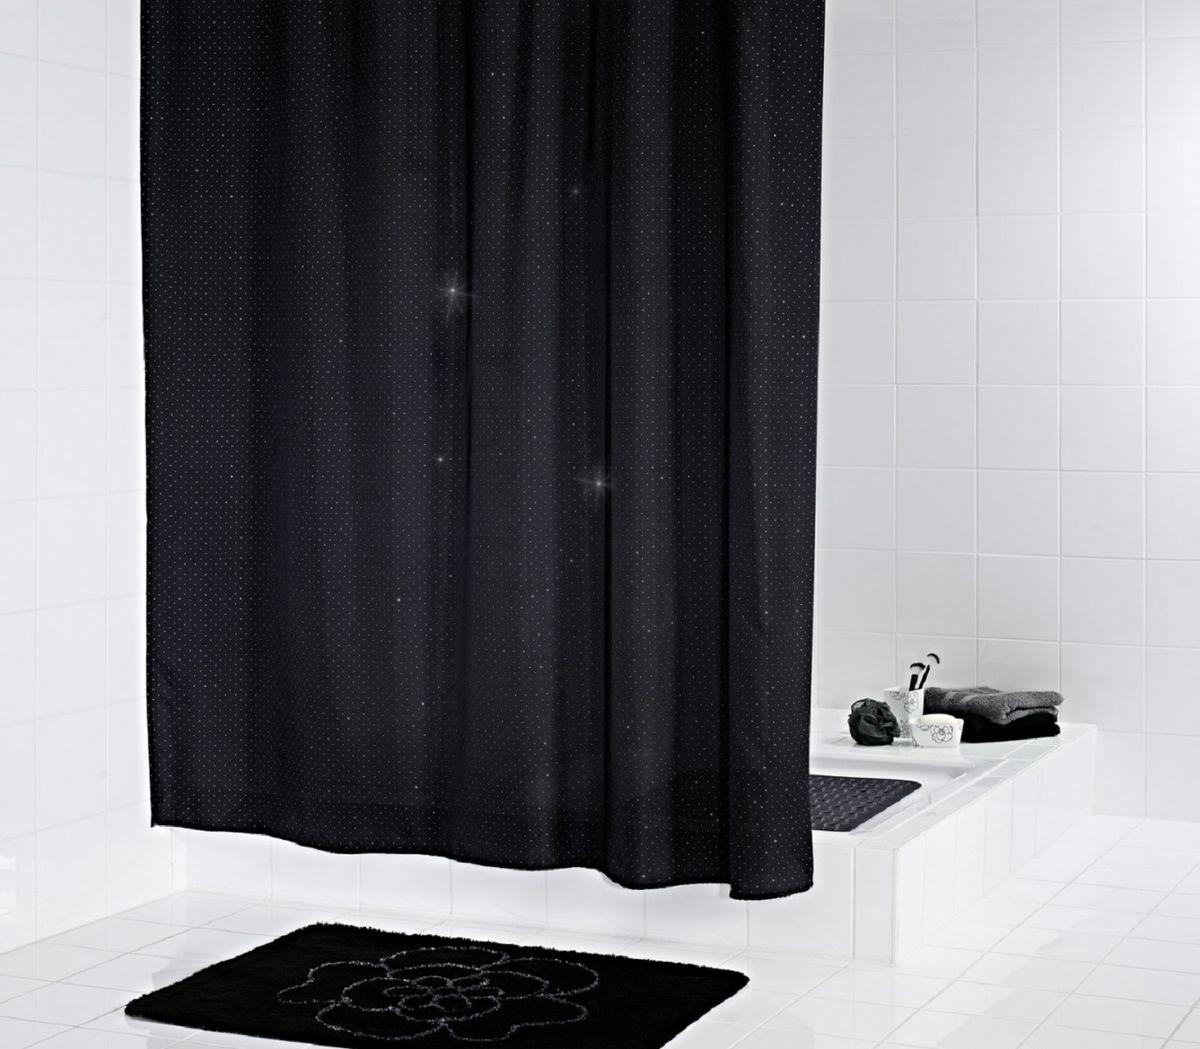 Штора для ванной комнаты Ridder Diamond, 180 х 200 см620-20Высококачественная немецкая шторка Ridder Diamond создаст прекрасное настроение в ванной комнате. Данное изделие имеет антигрибковое, водоотталкивающее и антистатическое покрытие и утяжеленный нижний кант. Машинная стирка. Глажка при низкой температуре.